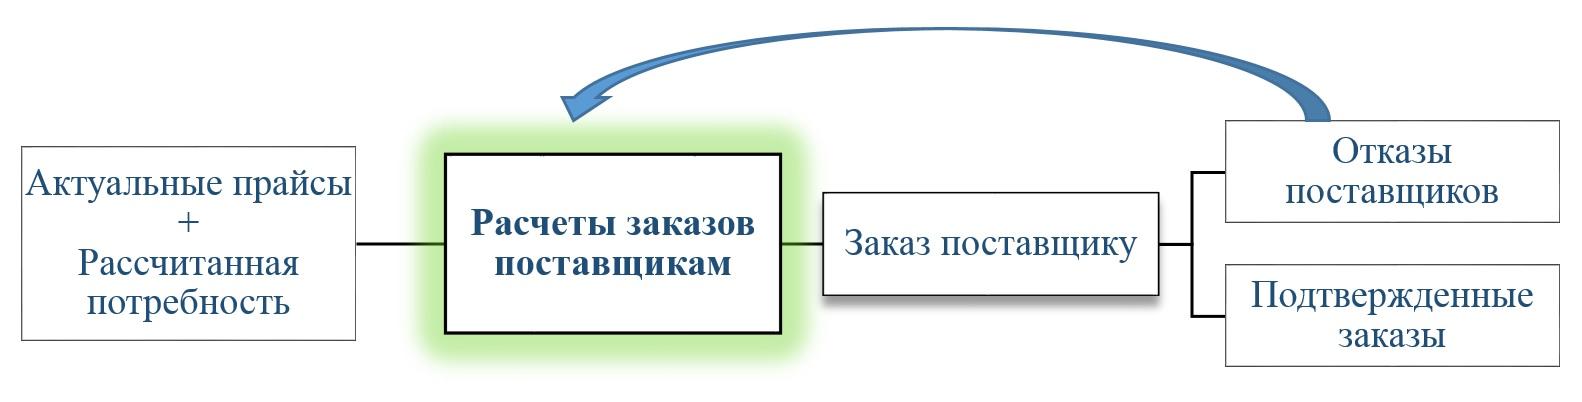 1С Донецк аптеки 7